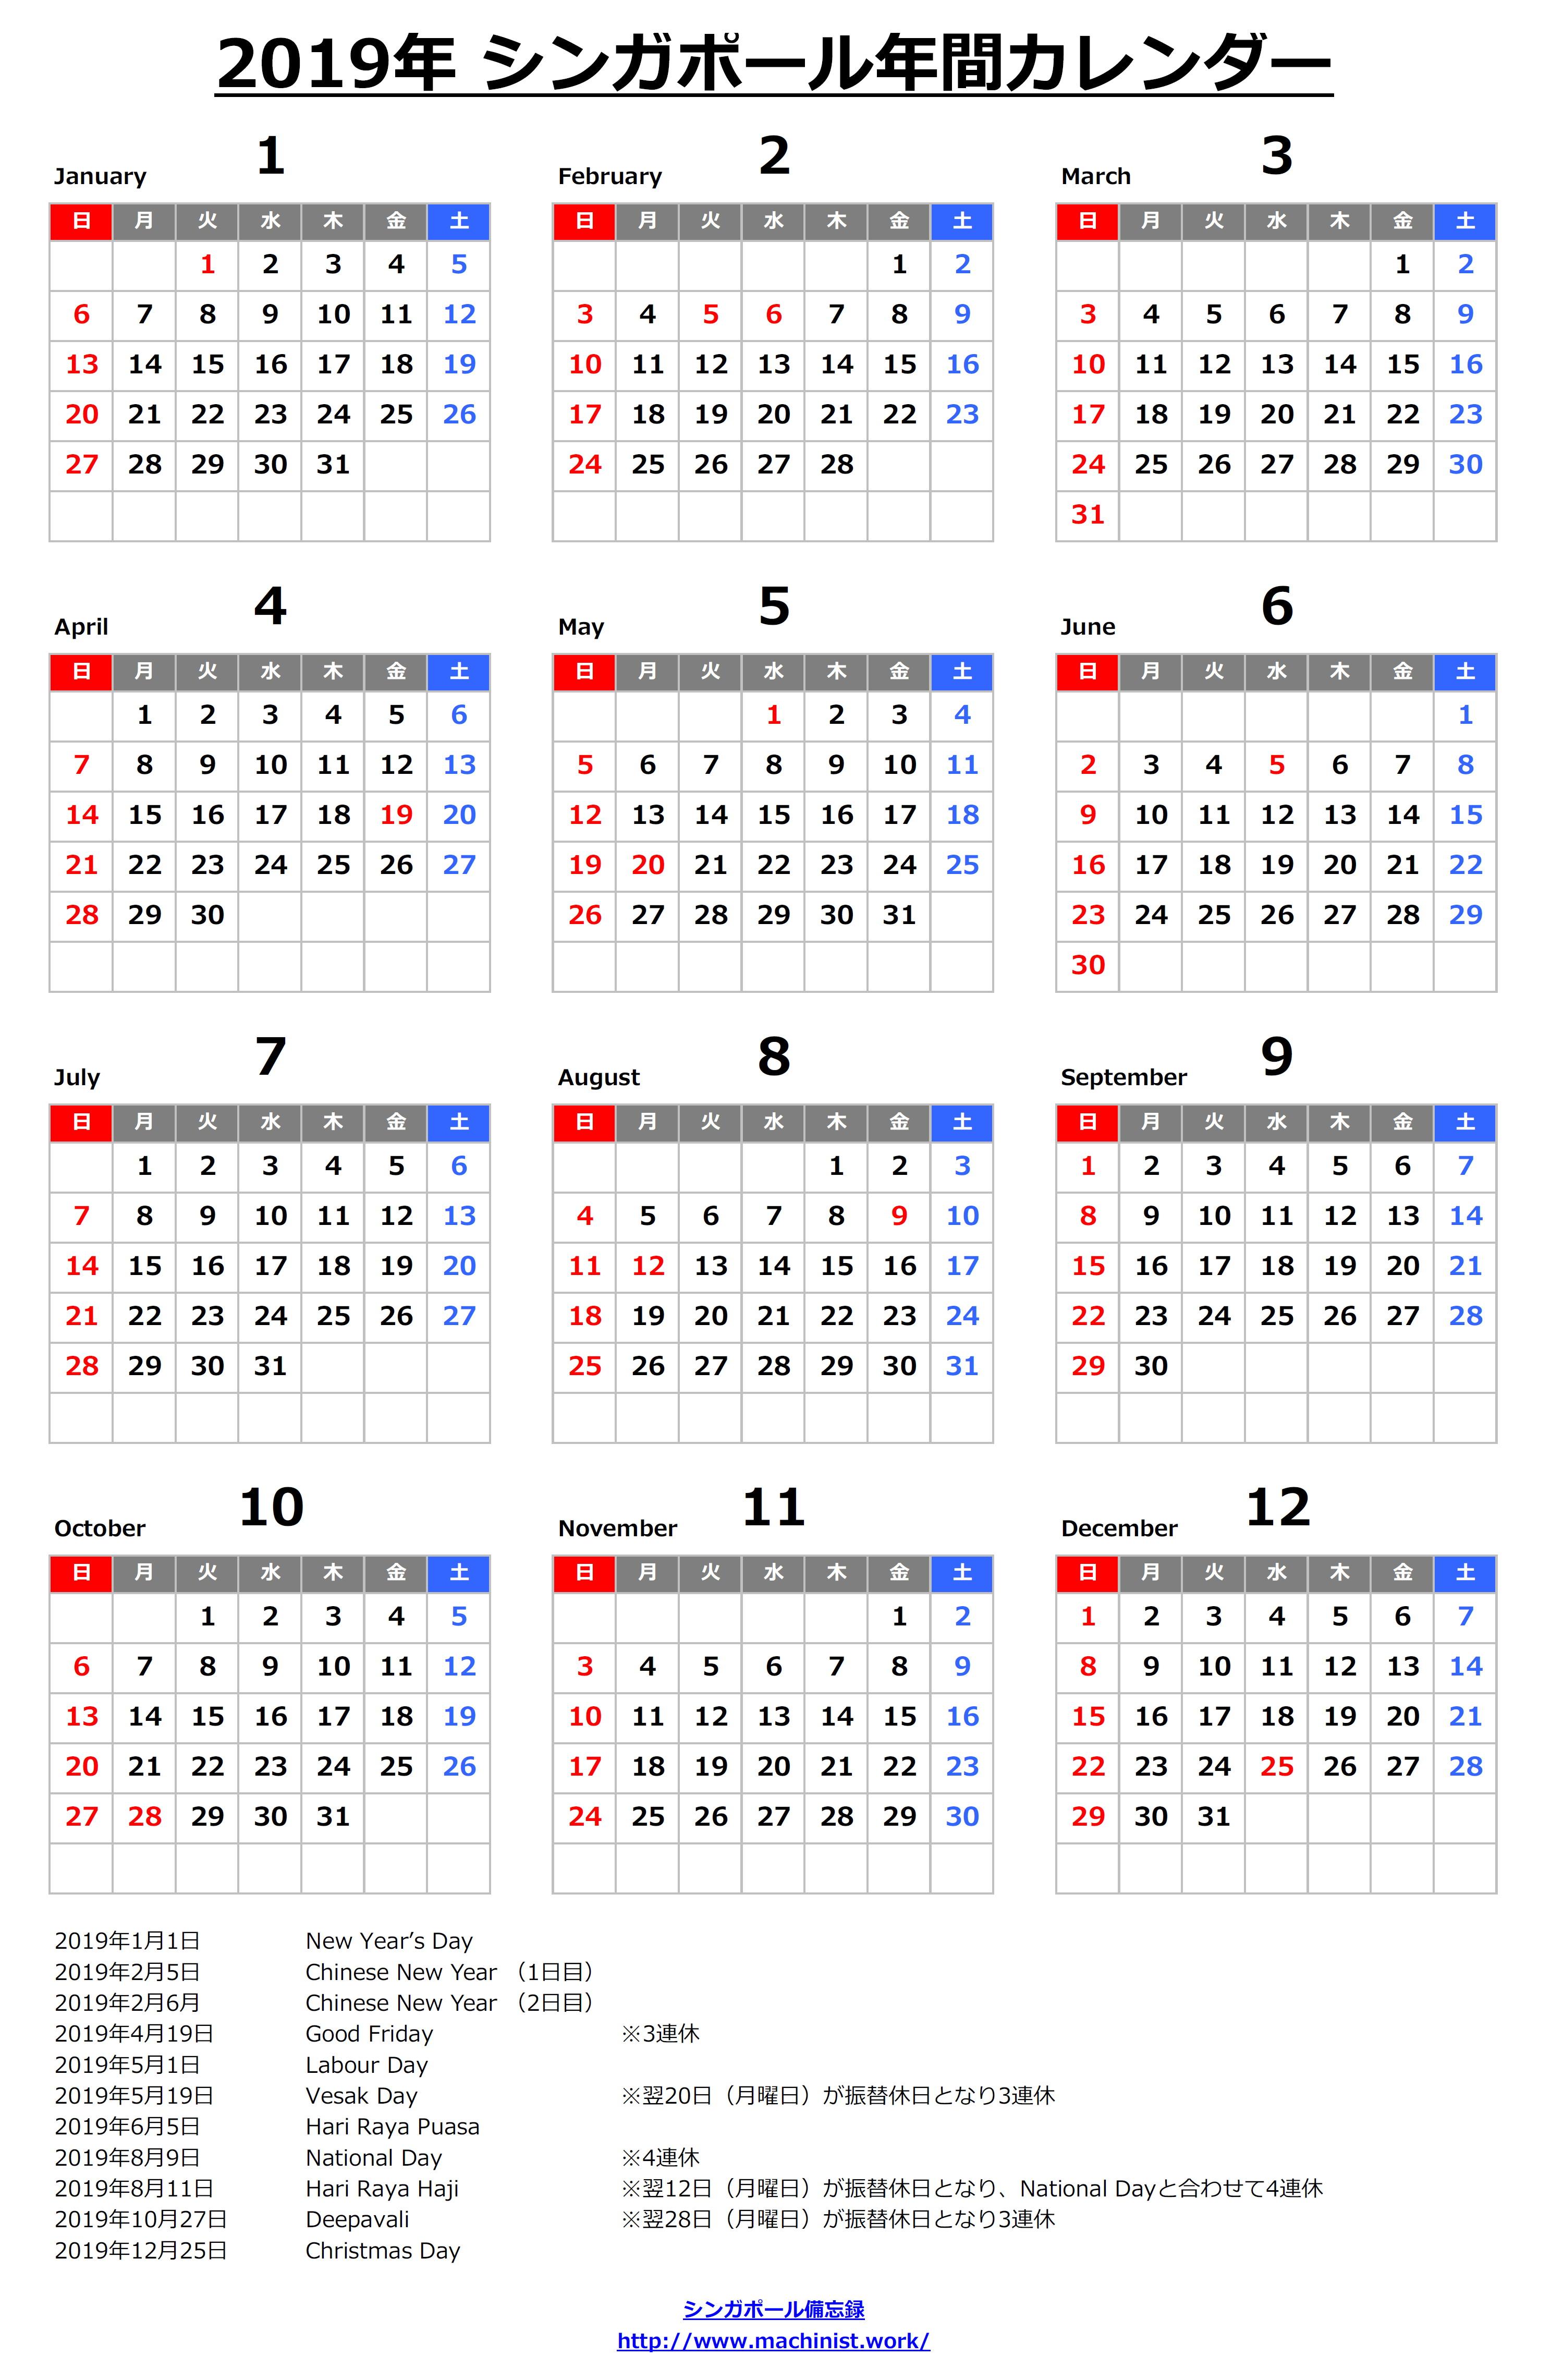 2019年シンガポール年間カレンダー